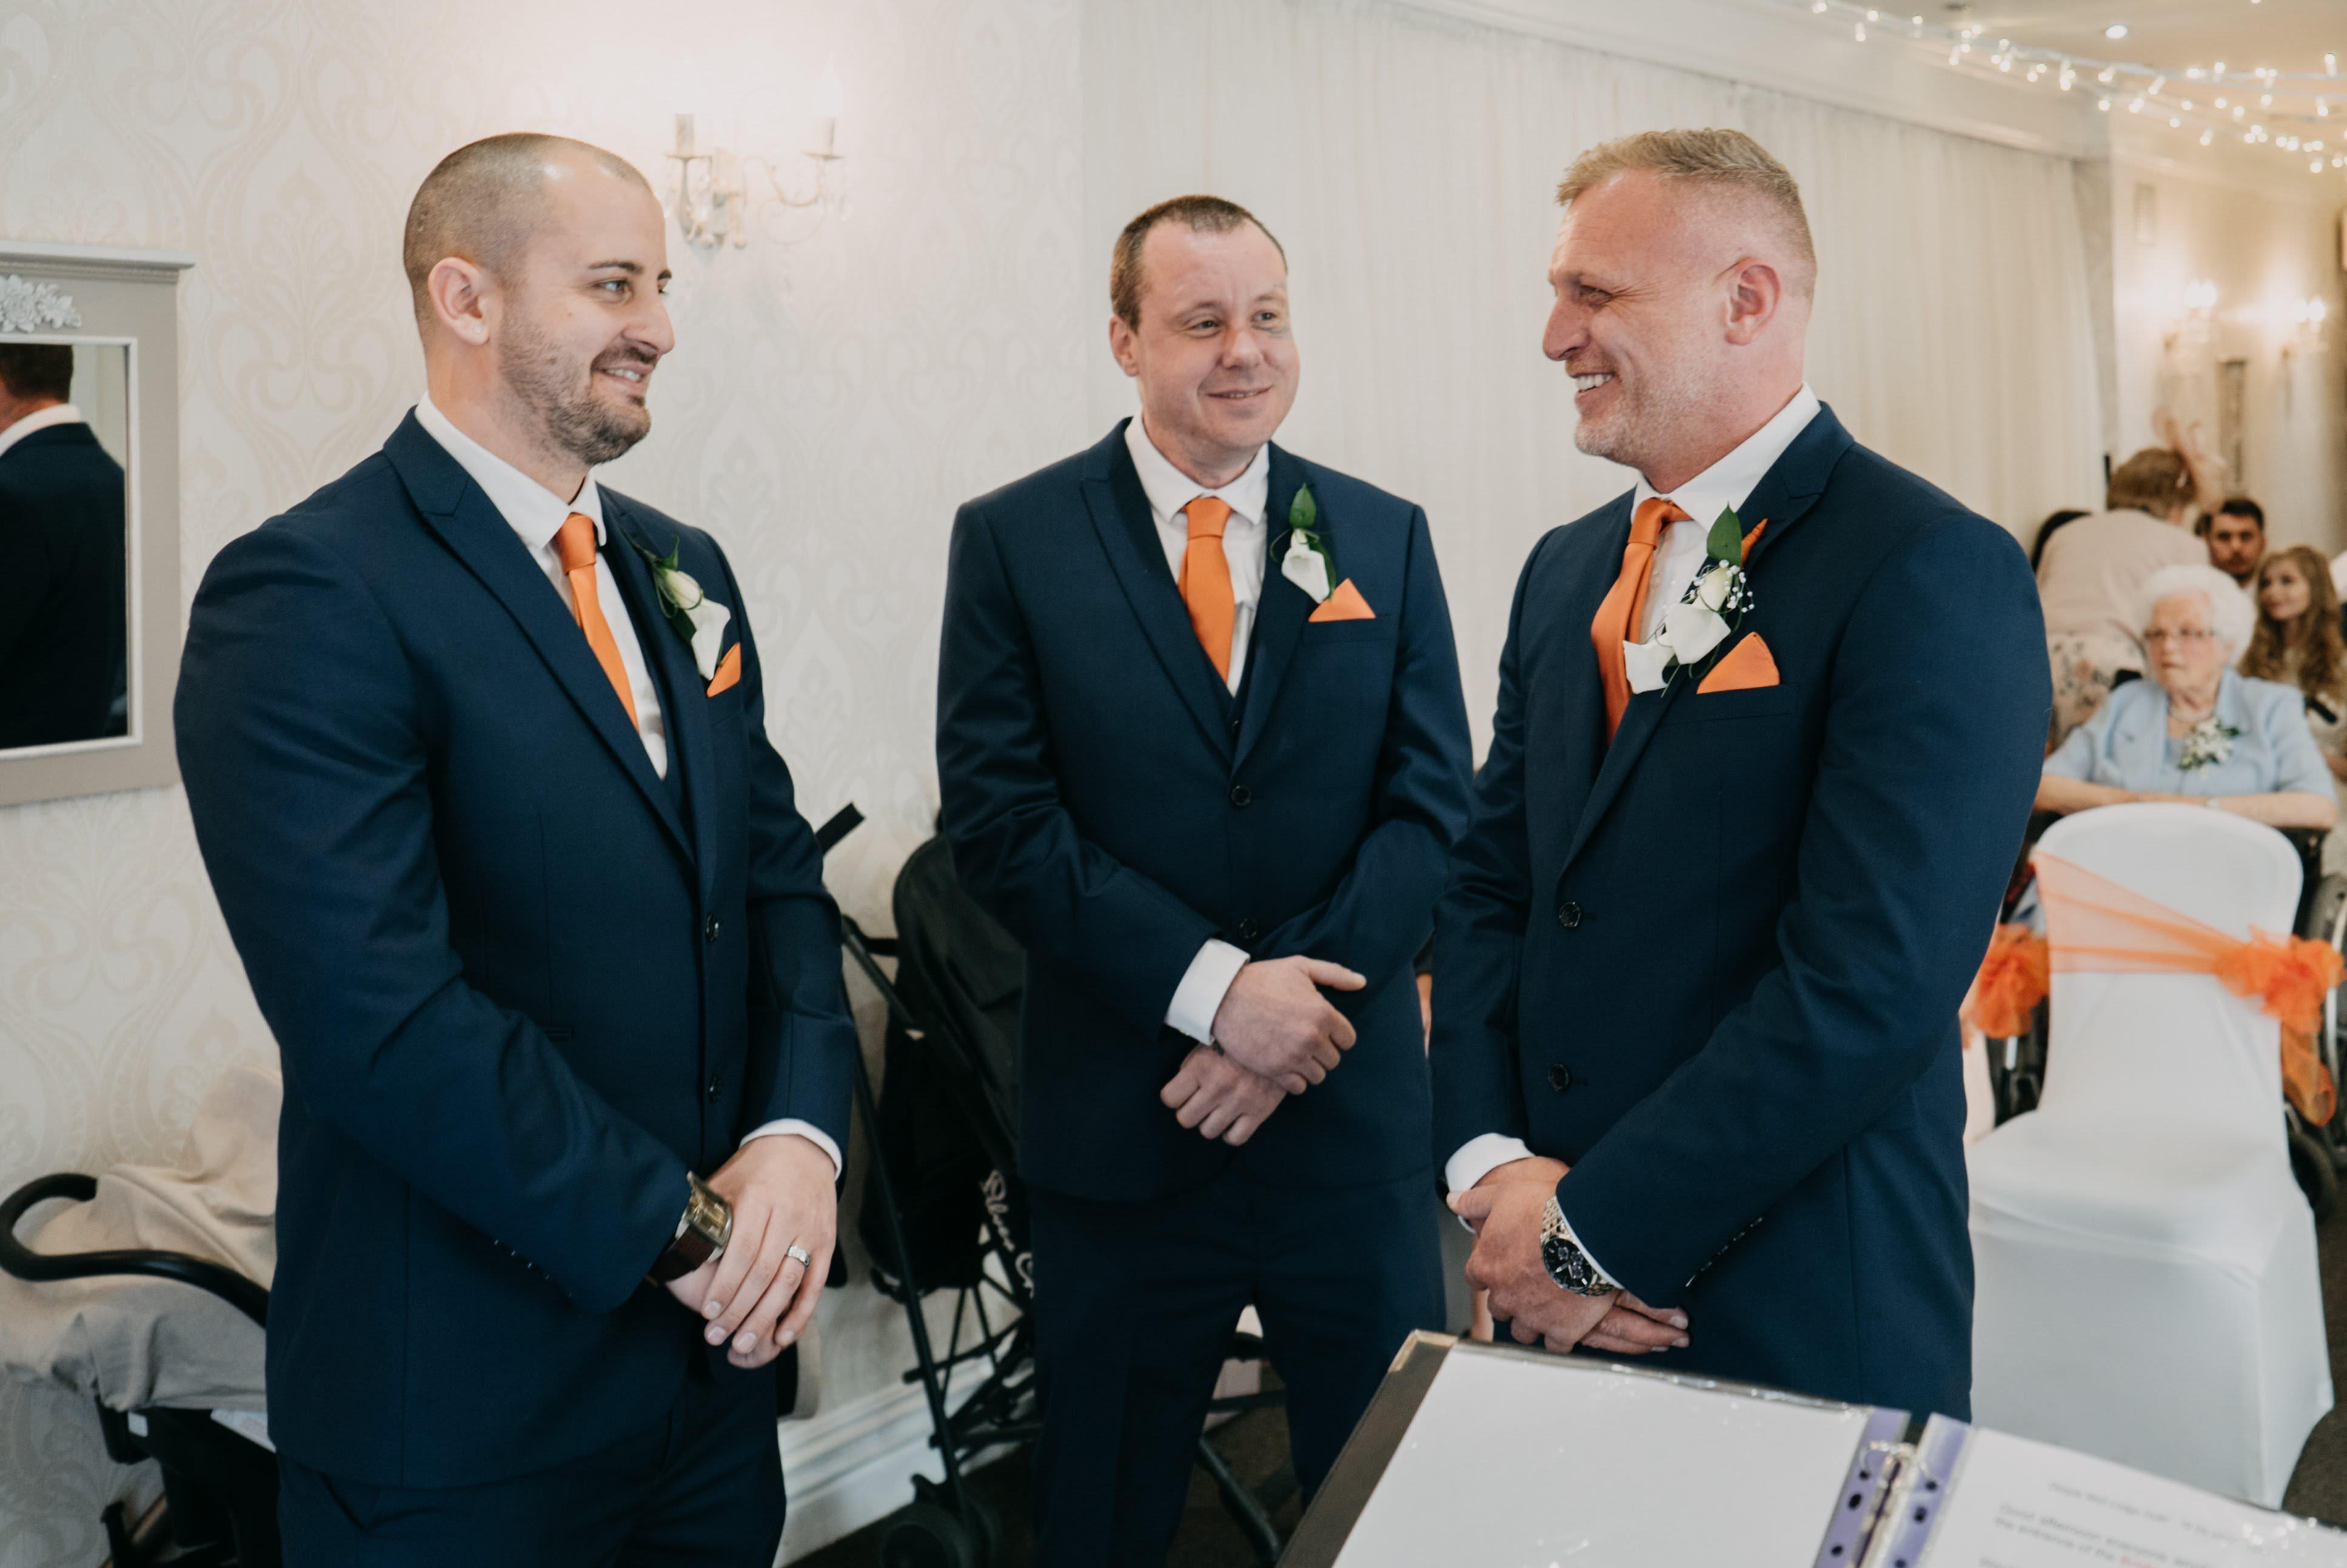 Dimple Well Lodge Wedding | Rachel & Tony 20